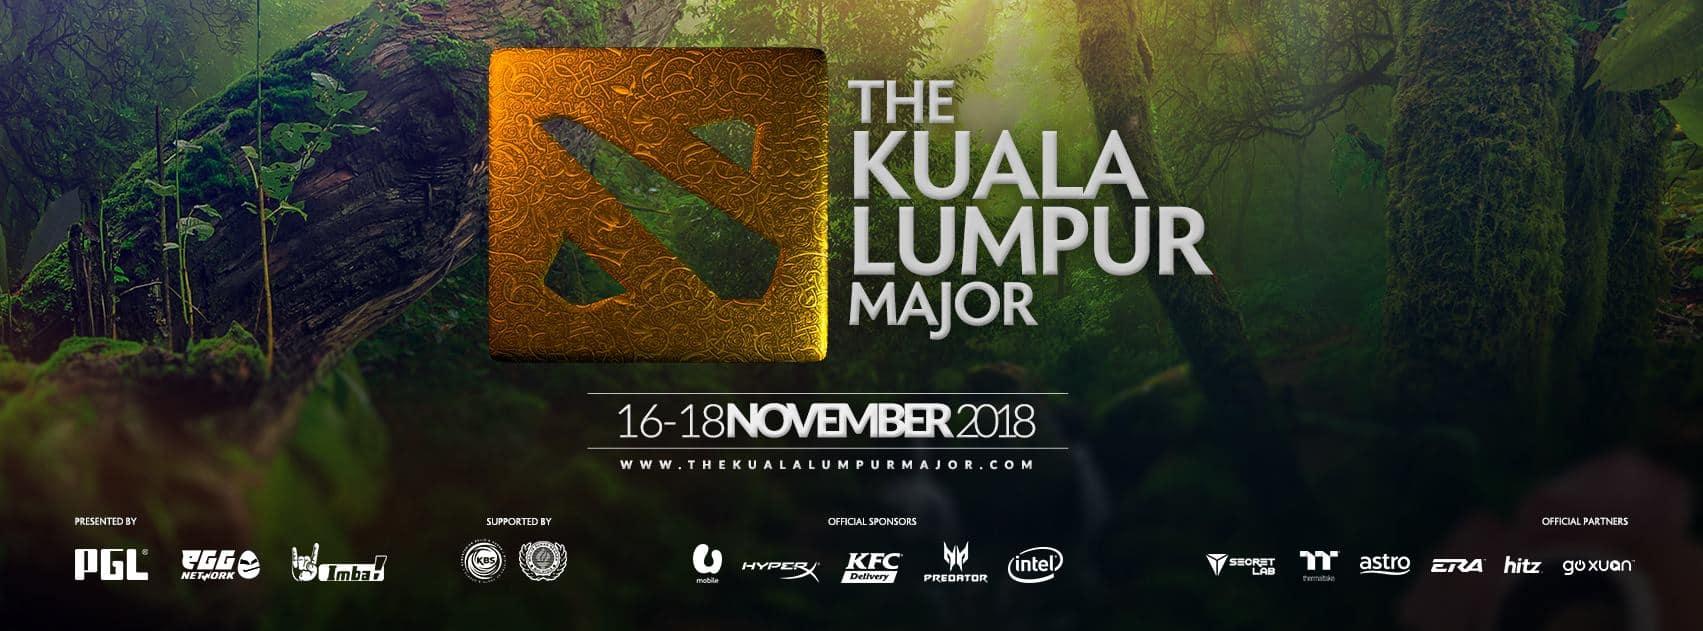 Kuala Lumpur speed dating - Find date in Kuala Lumpur Malaysia